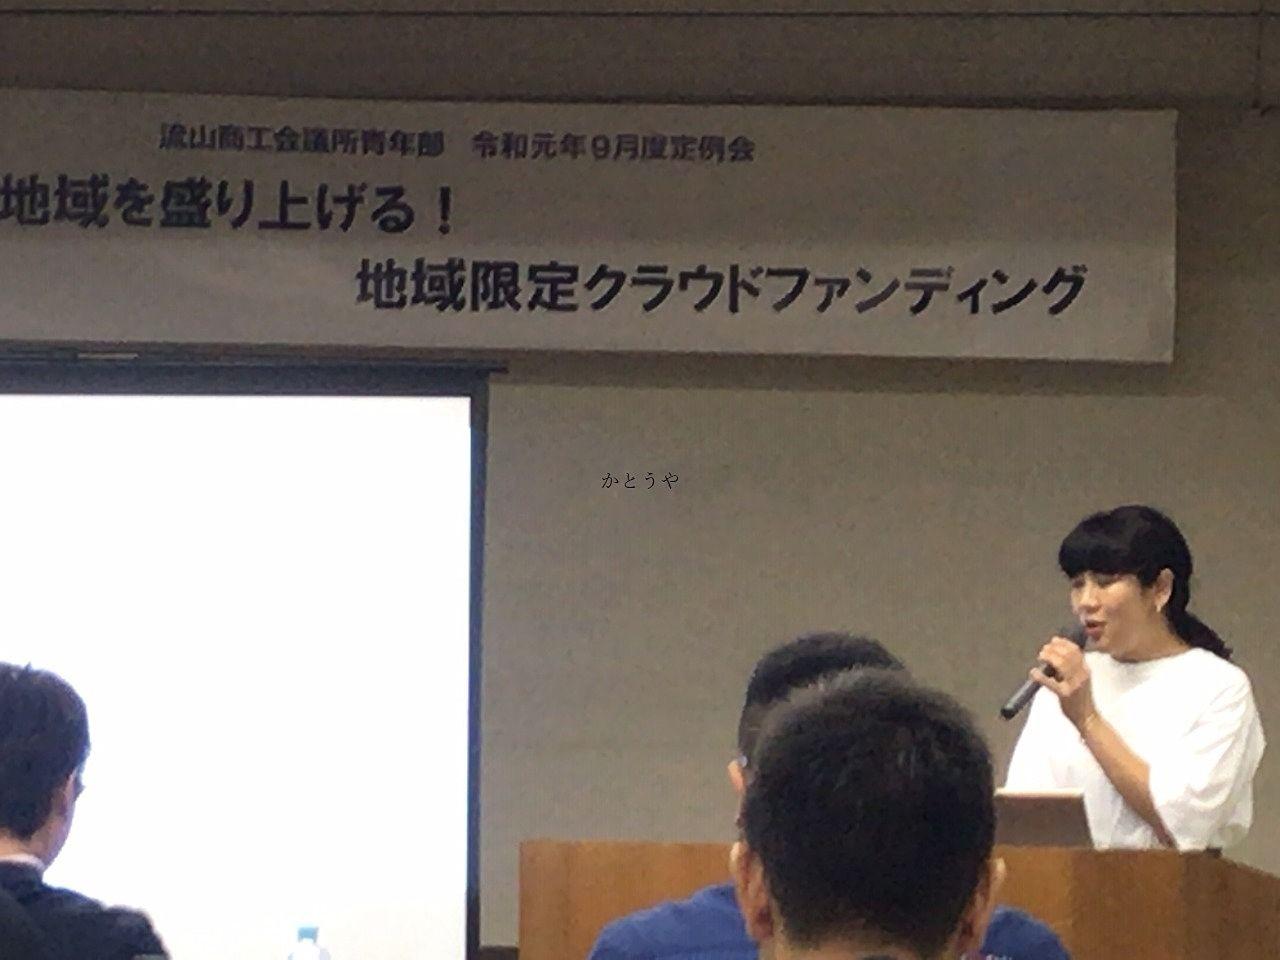 講演会に参加しました!「地域を活性化させるための地域限定のクラウドファンディング」